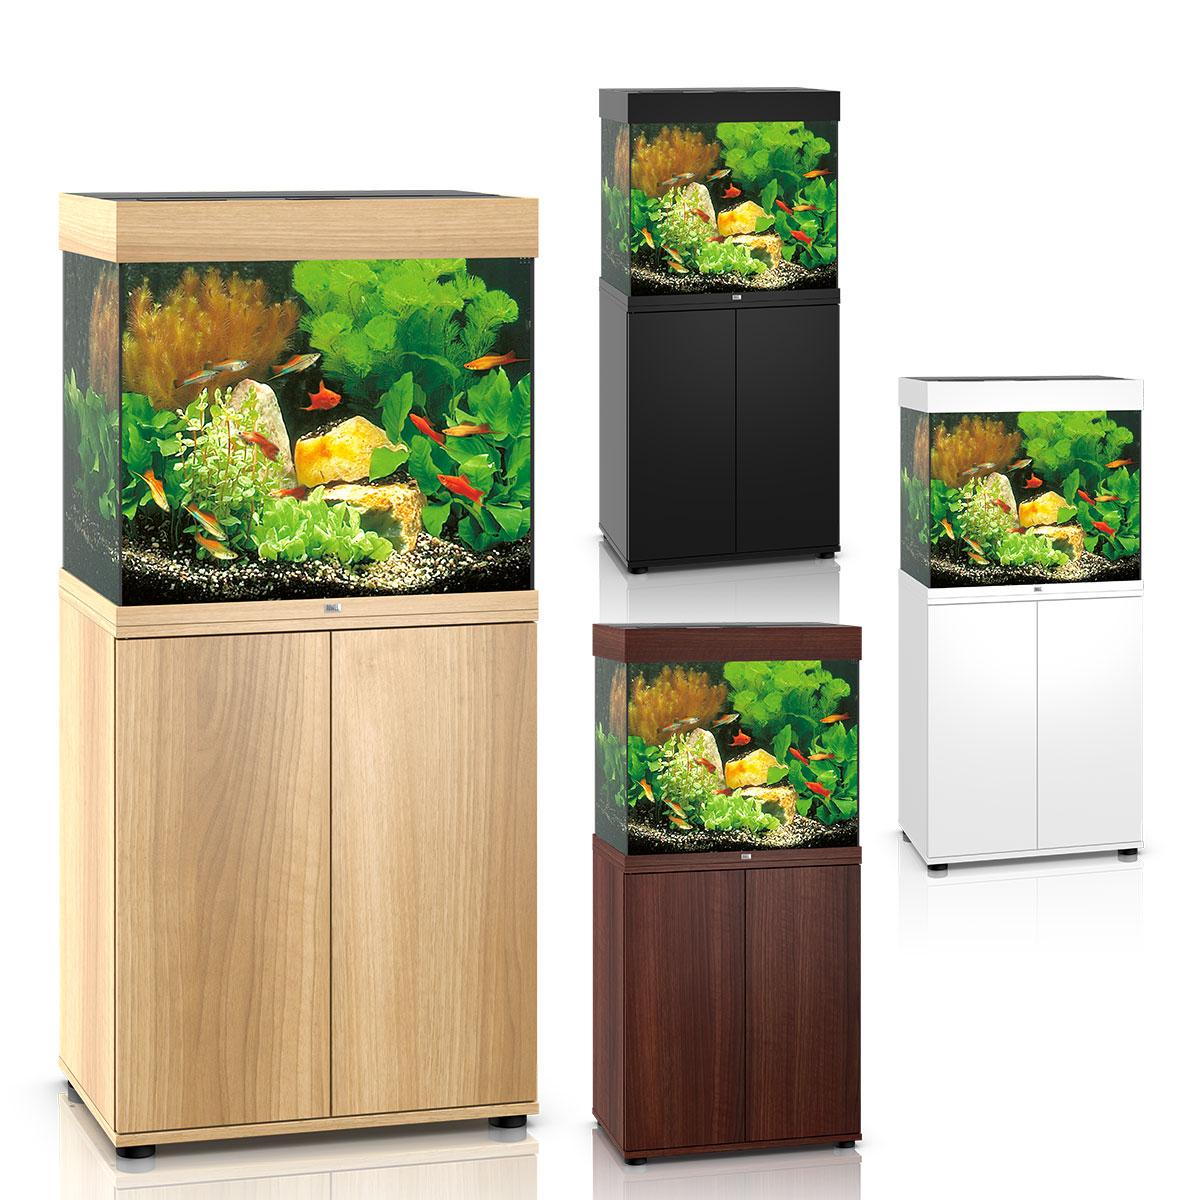 juwel lido 120 led komplett aquarium mit unterschrank sbx. Black Bedroom Furniture Sets. Home Design Ideas